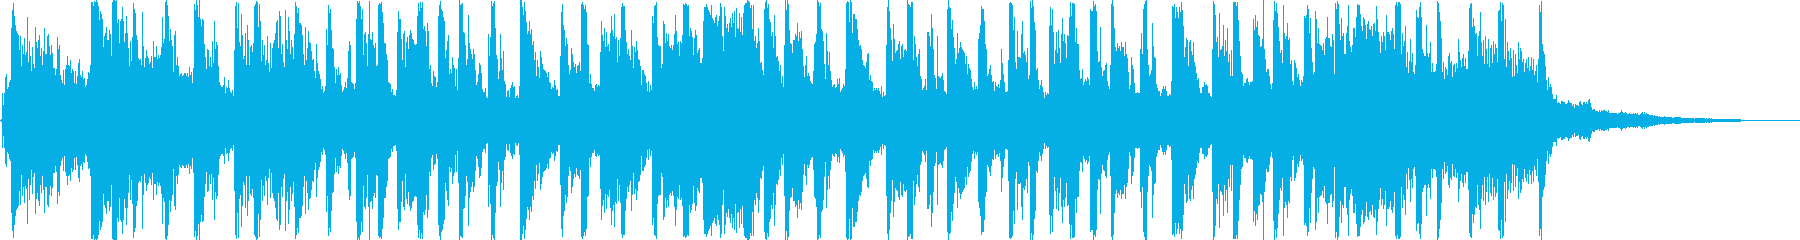 20秒程の暗い感じのテクノループの再生済みの波形